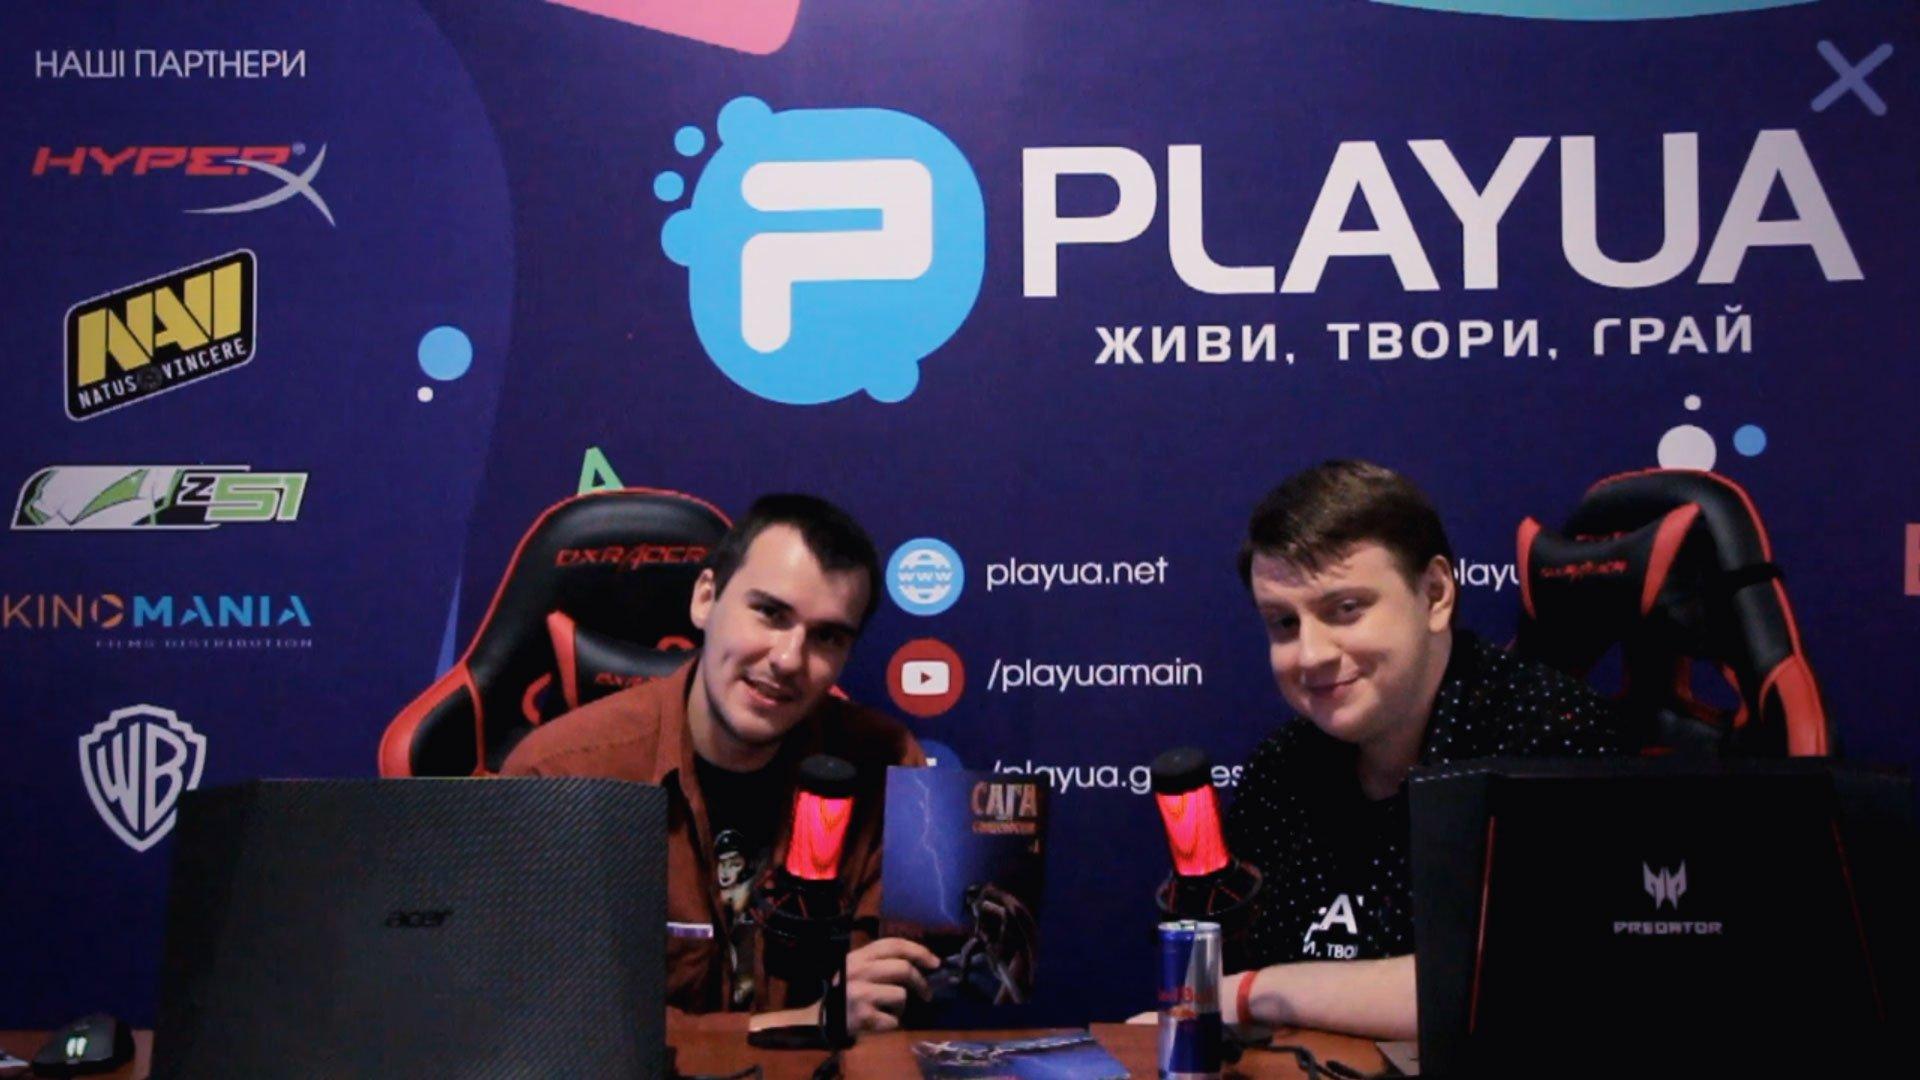 Сага про Сонценосців / Інтерв'ю з Денисом Скорбатюком (Comic Con Ukraine 2018)